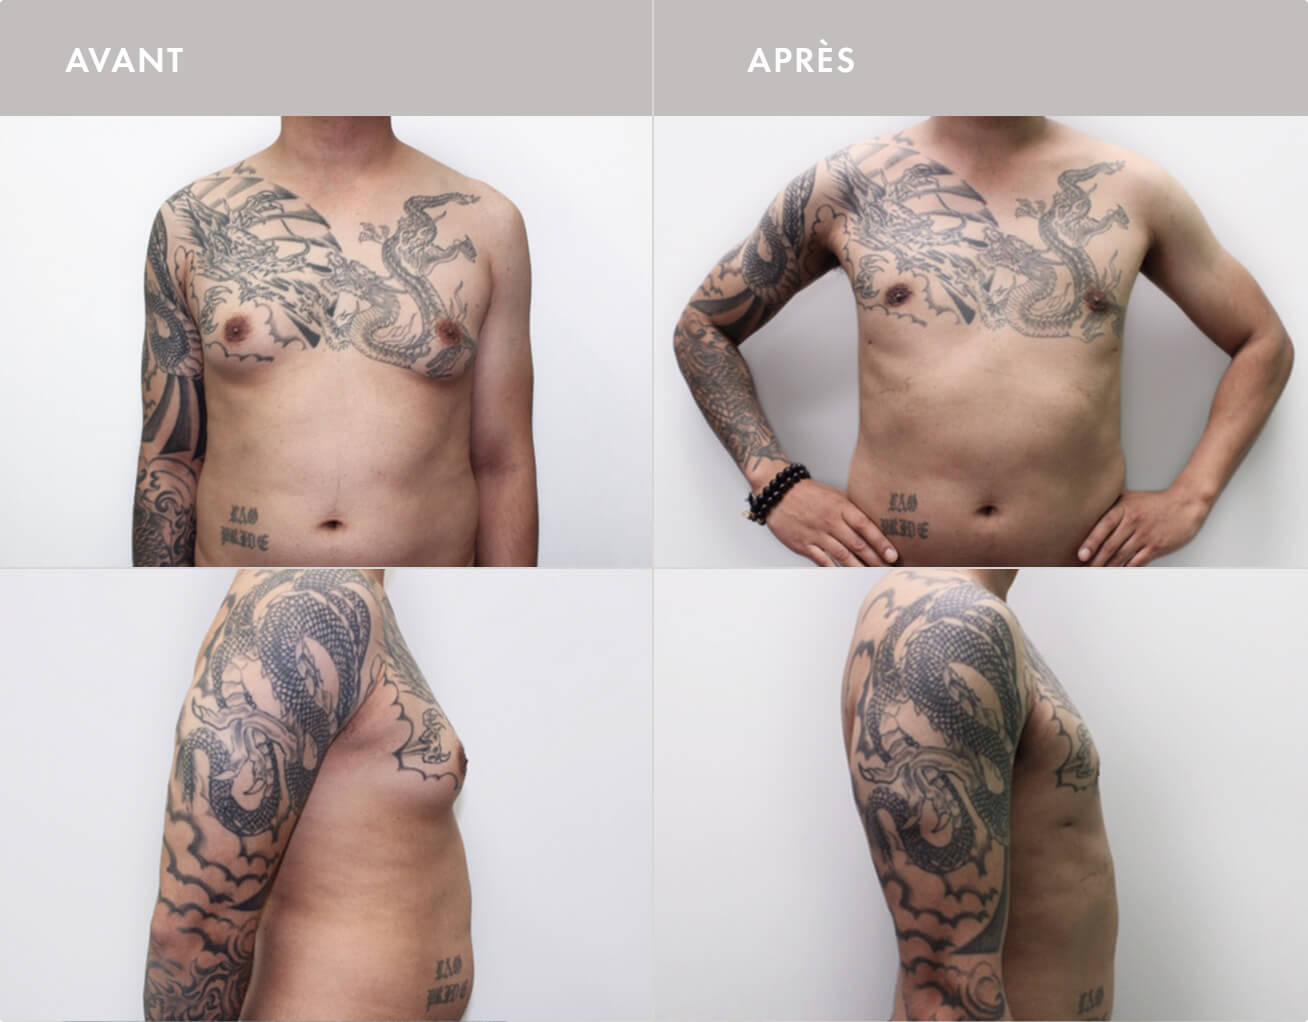 Chirurgie gynécomastie (Réduction mammaire homme)